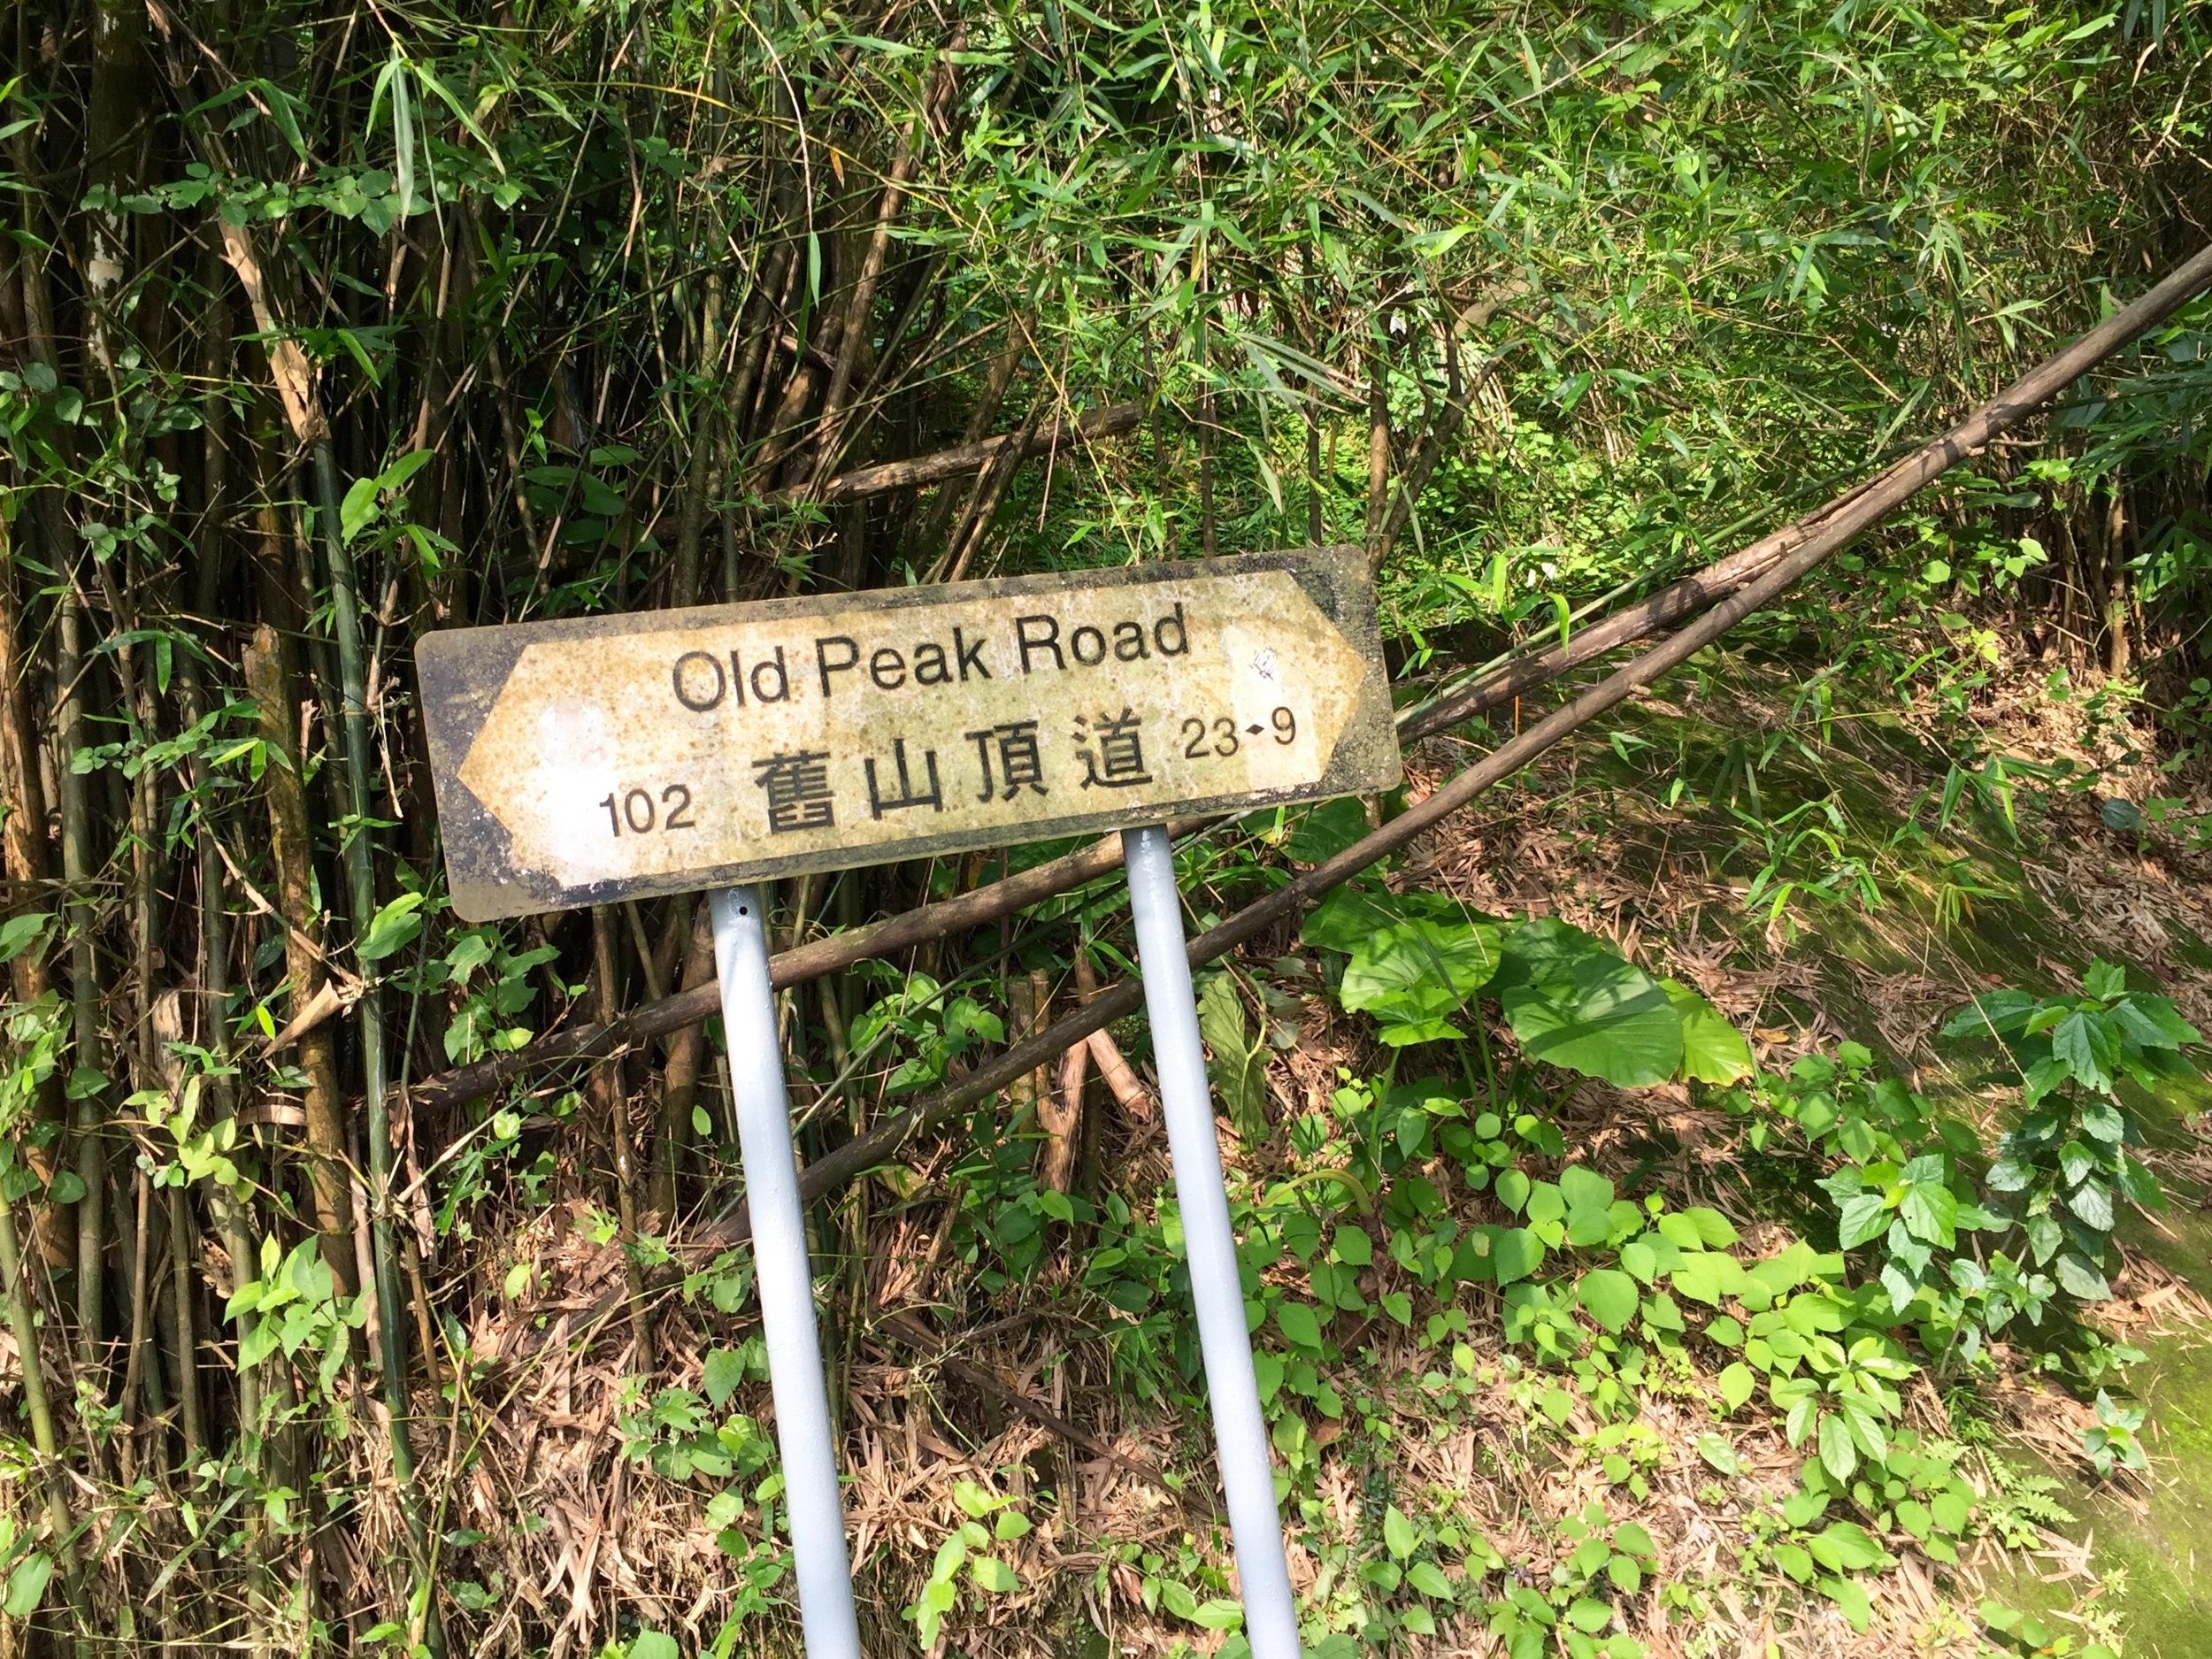 Old Peak Road on the way to Victoria's Peak in Hong Kong.